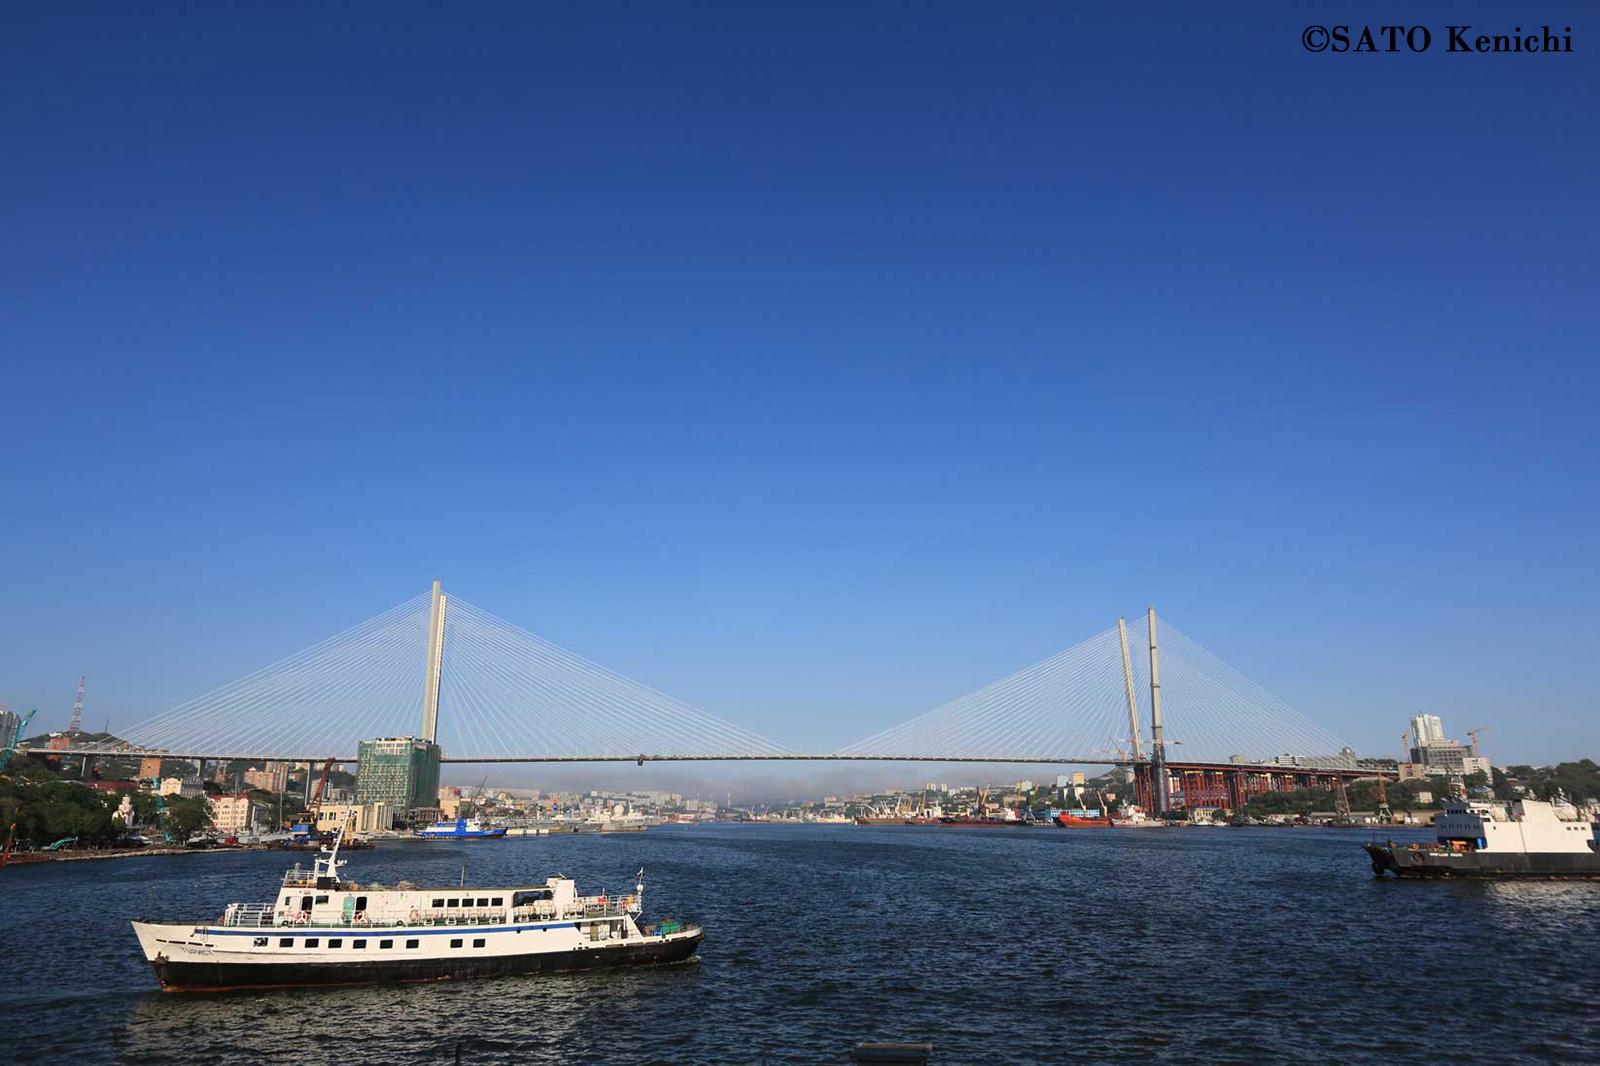 020 金角橋とウラジオストク港の眺め_b0235153_8231092.jpg